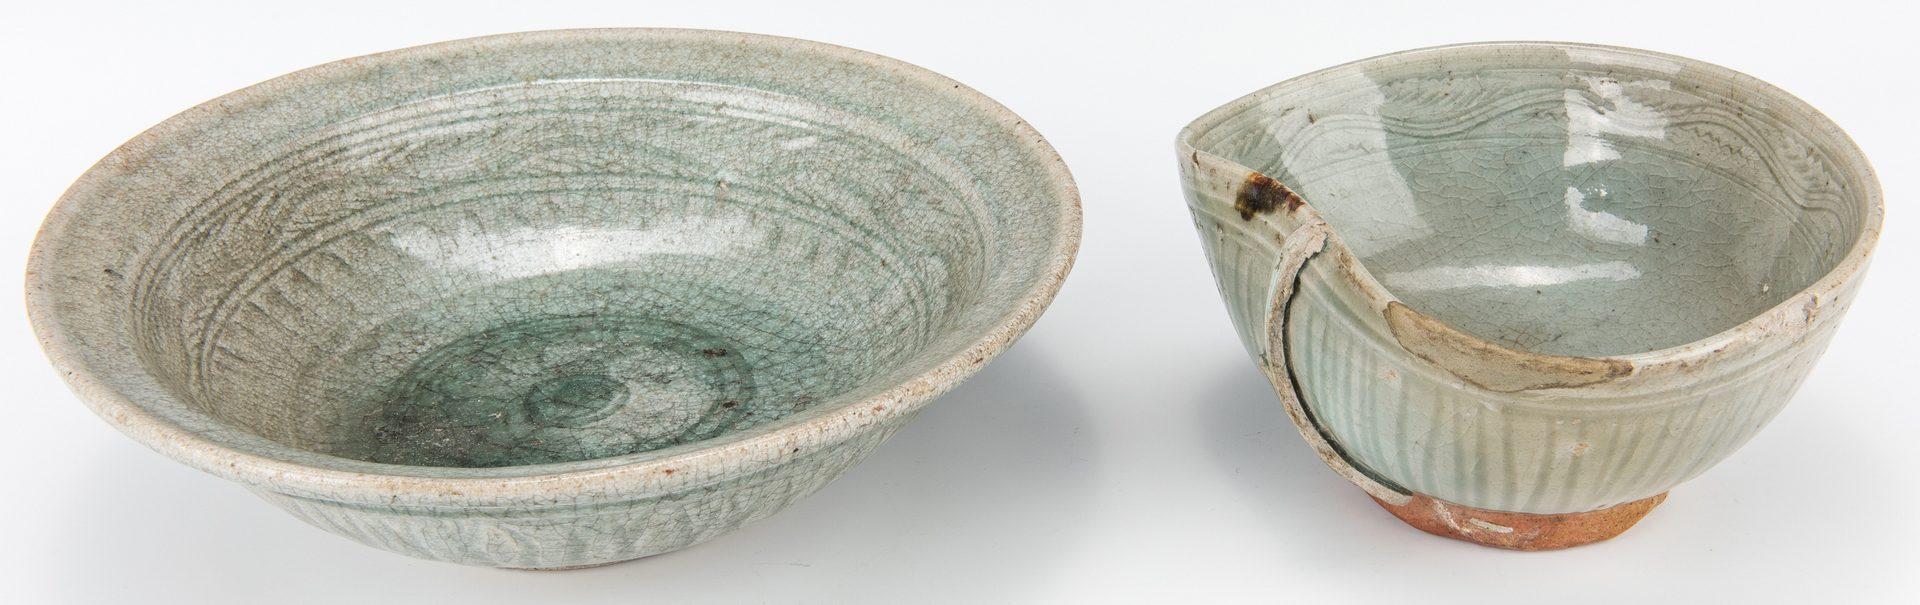 Lot 483: 2 Chinese Celadon Glazed Bowls